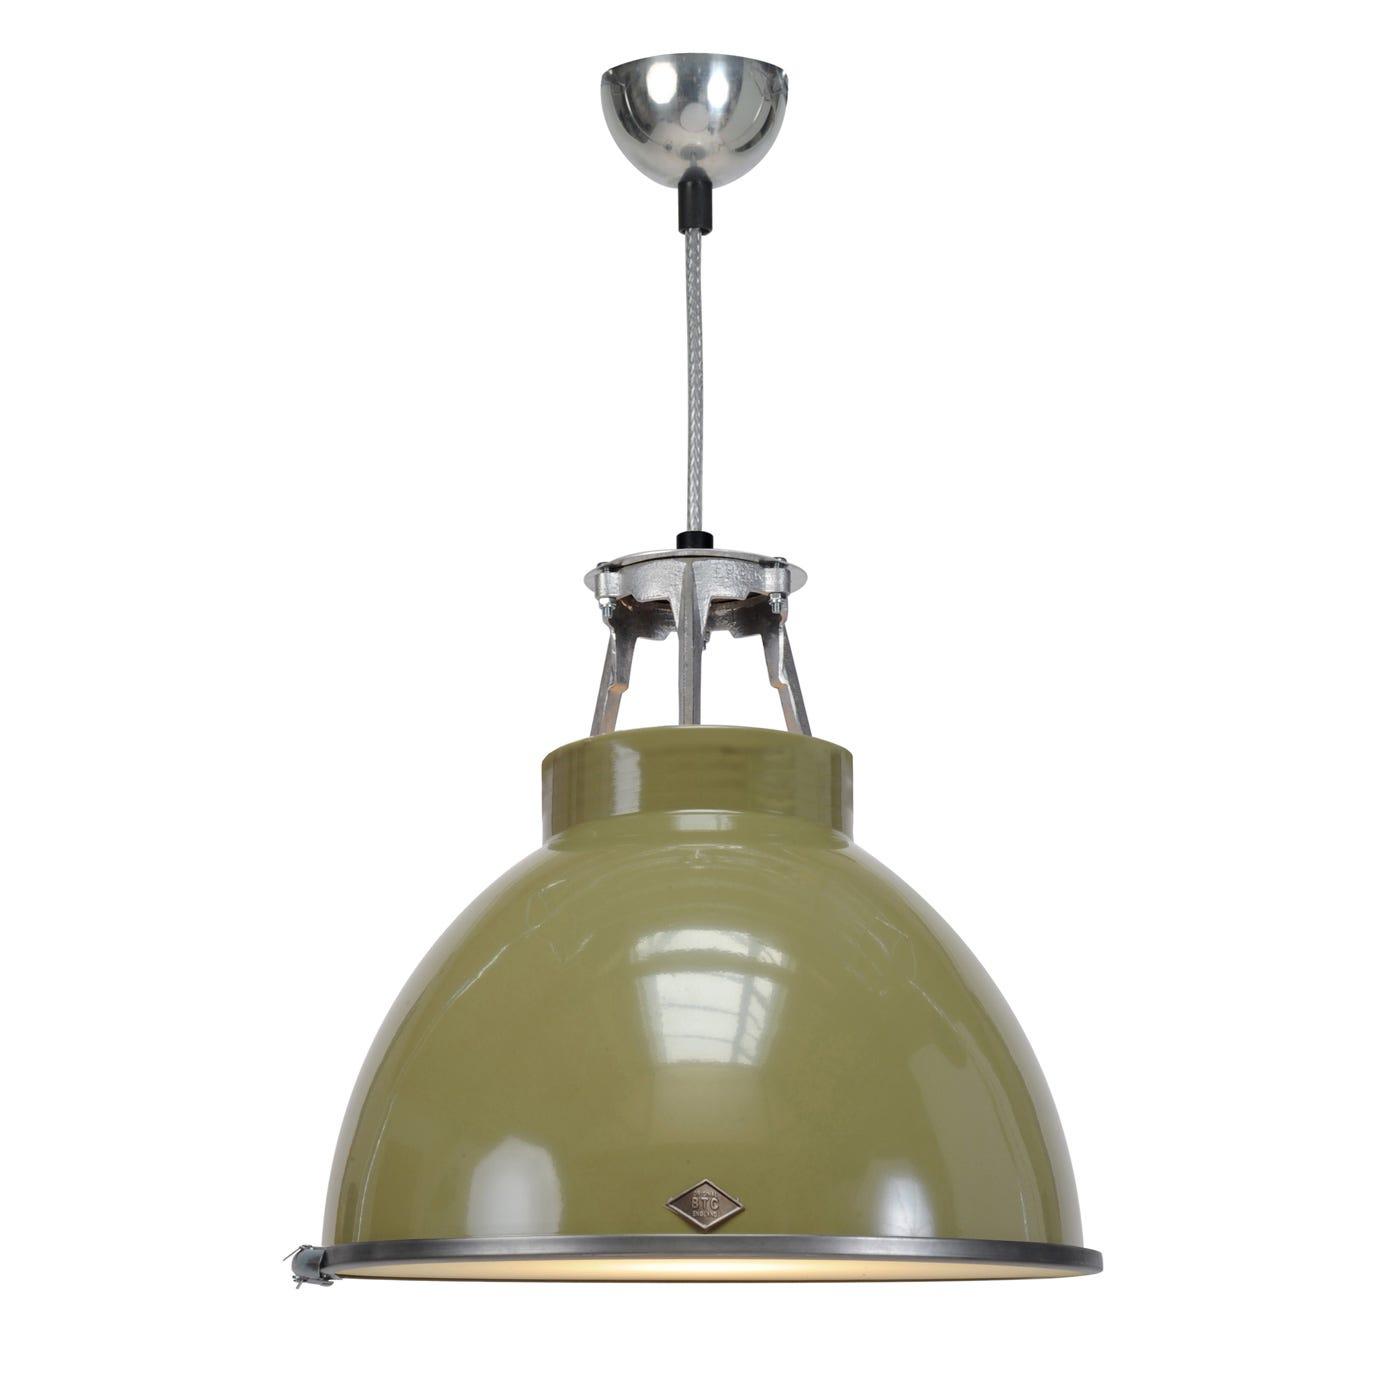 Titan Size 1 Pendant Light Olive Green